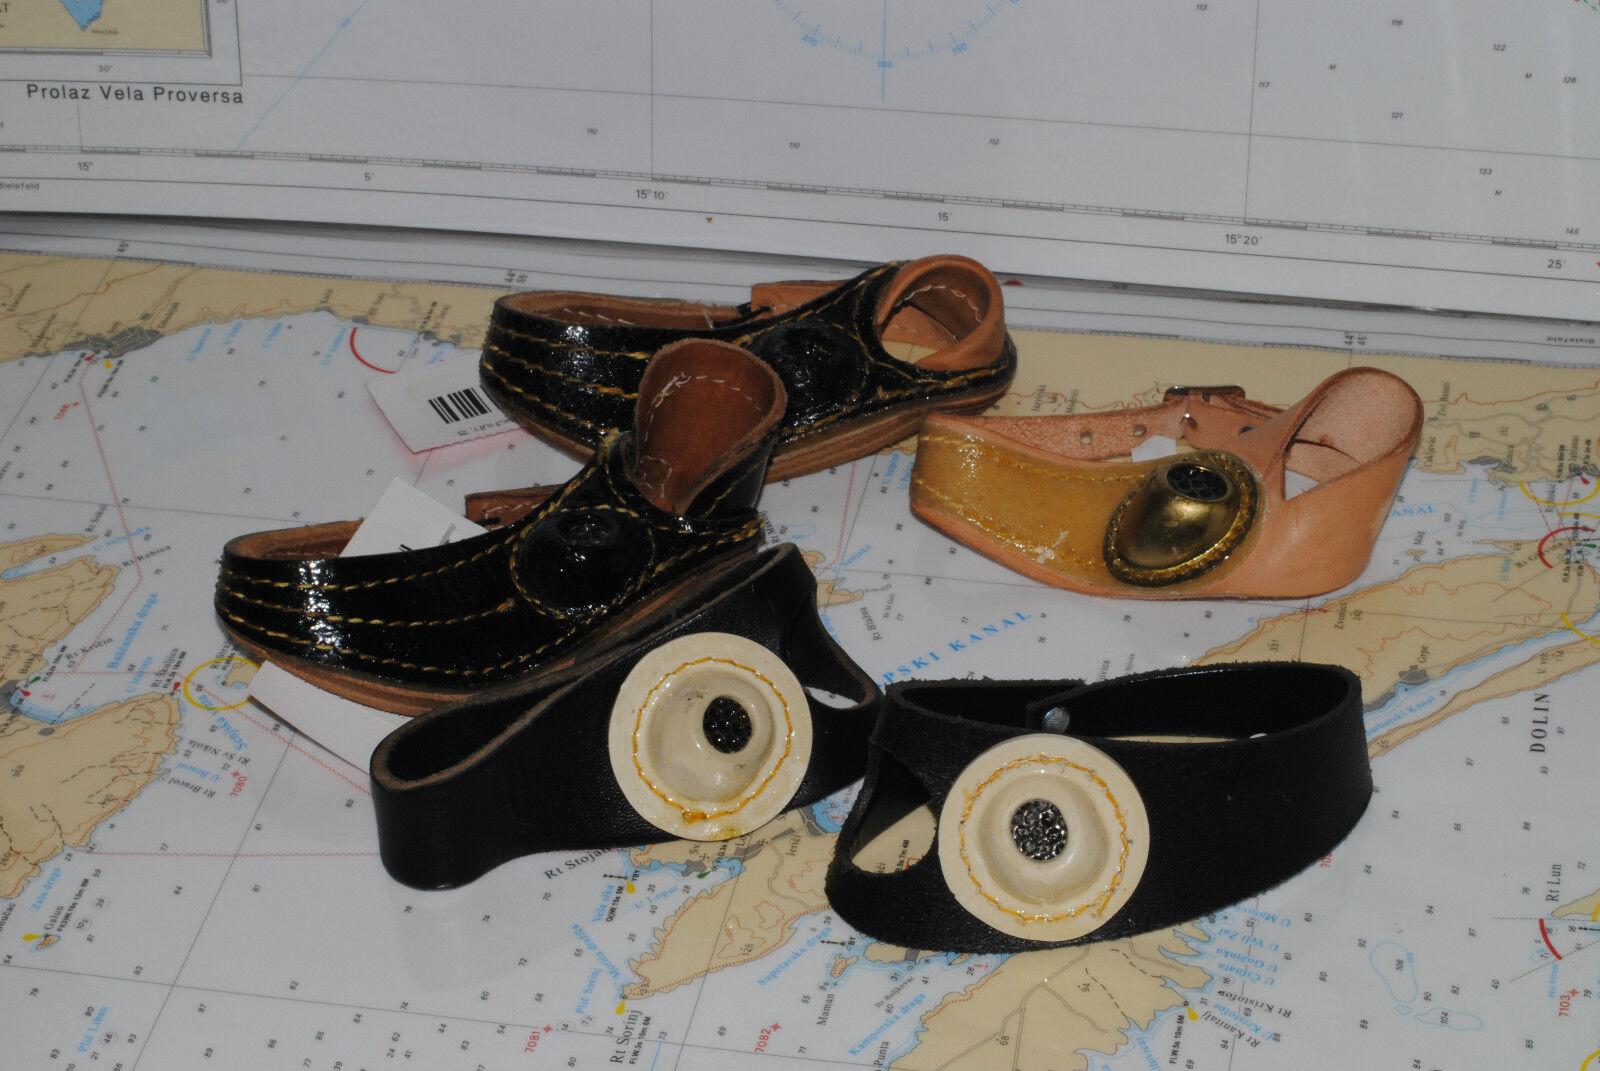 Segelmacherhandschuh Leder NEU Rechts/links Rechts/links Rechts/links Segel reparieren Teppichreparatur a86c9d